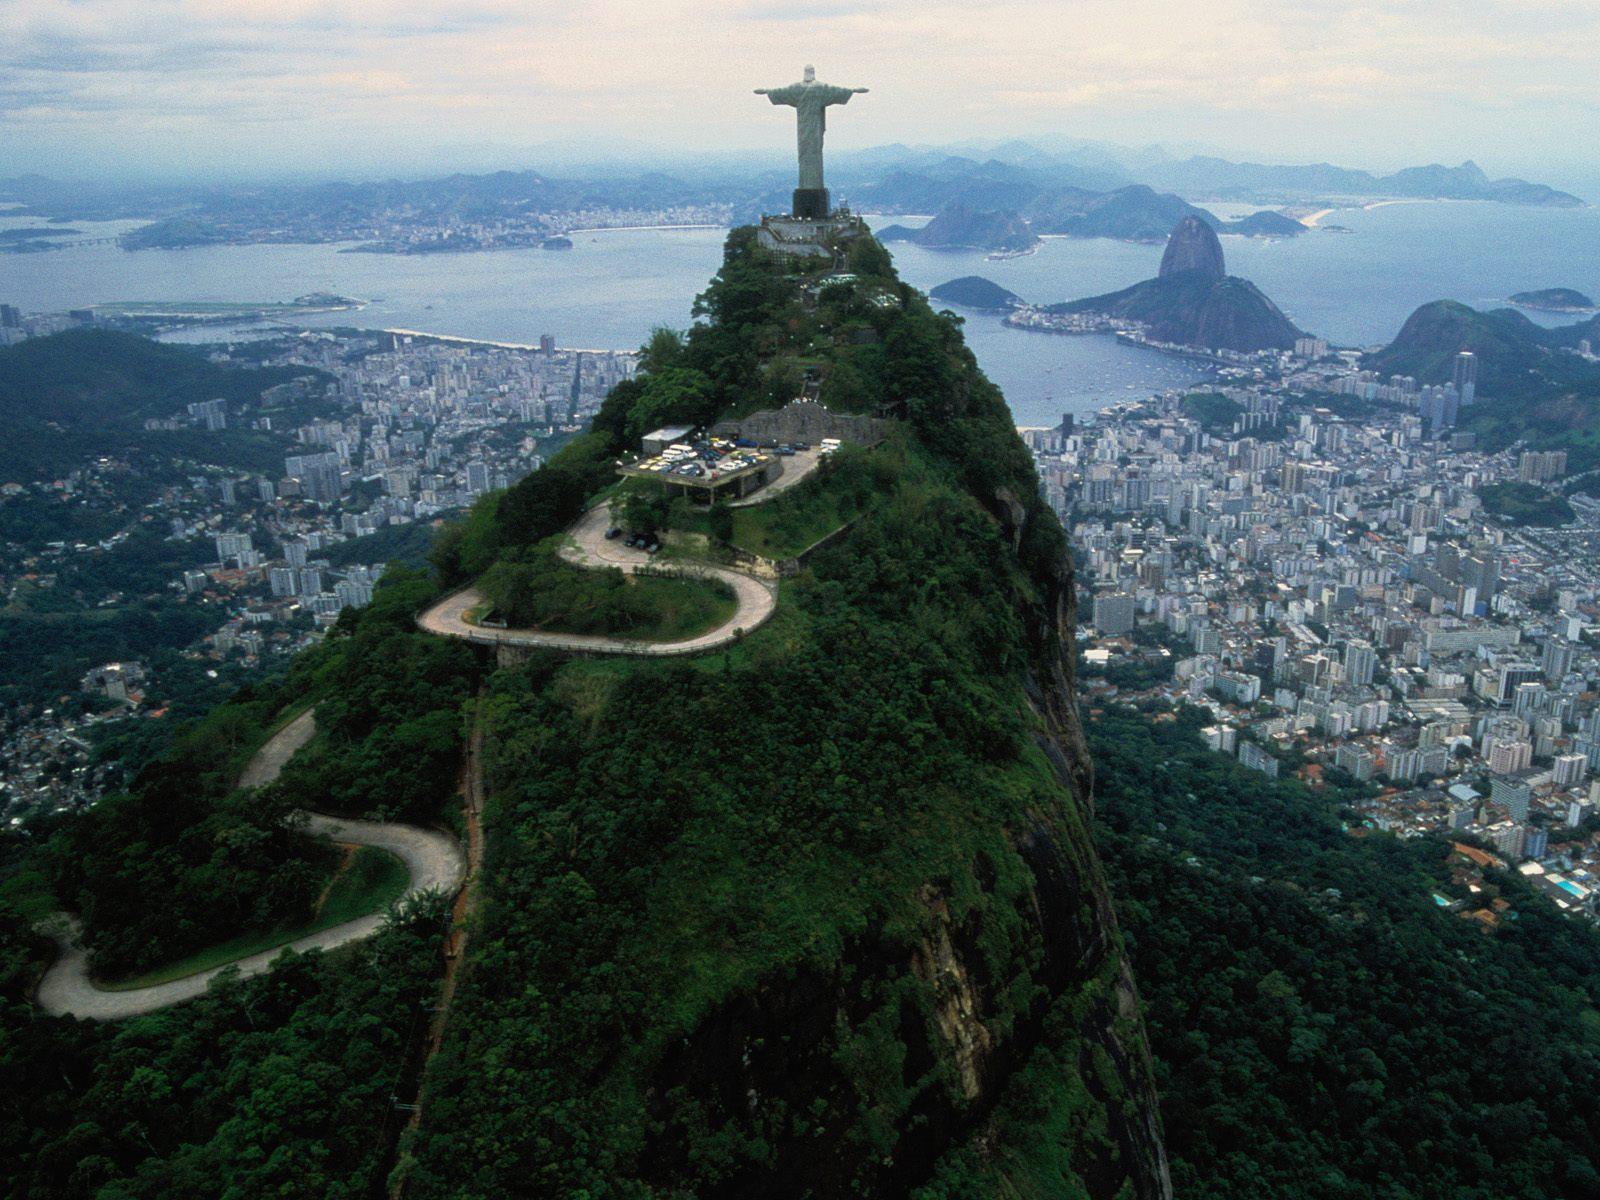 Corcovado (Rio de Janeiro)